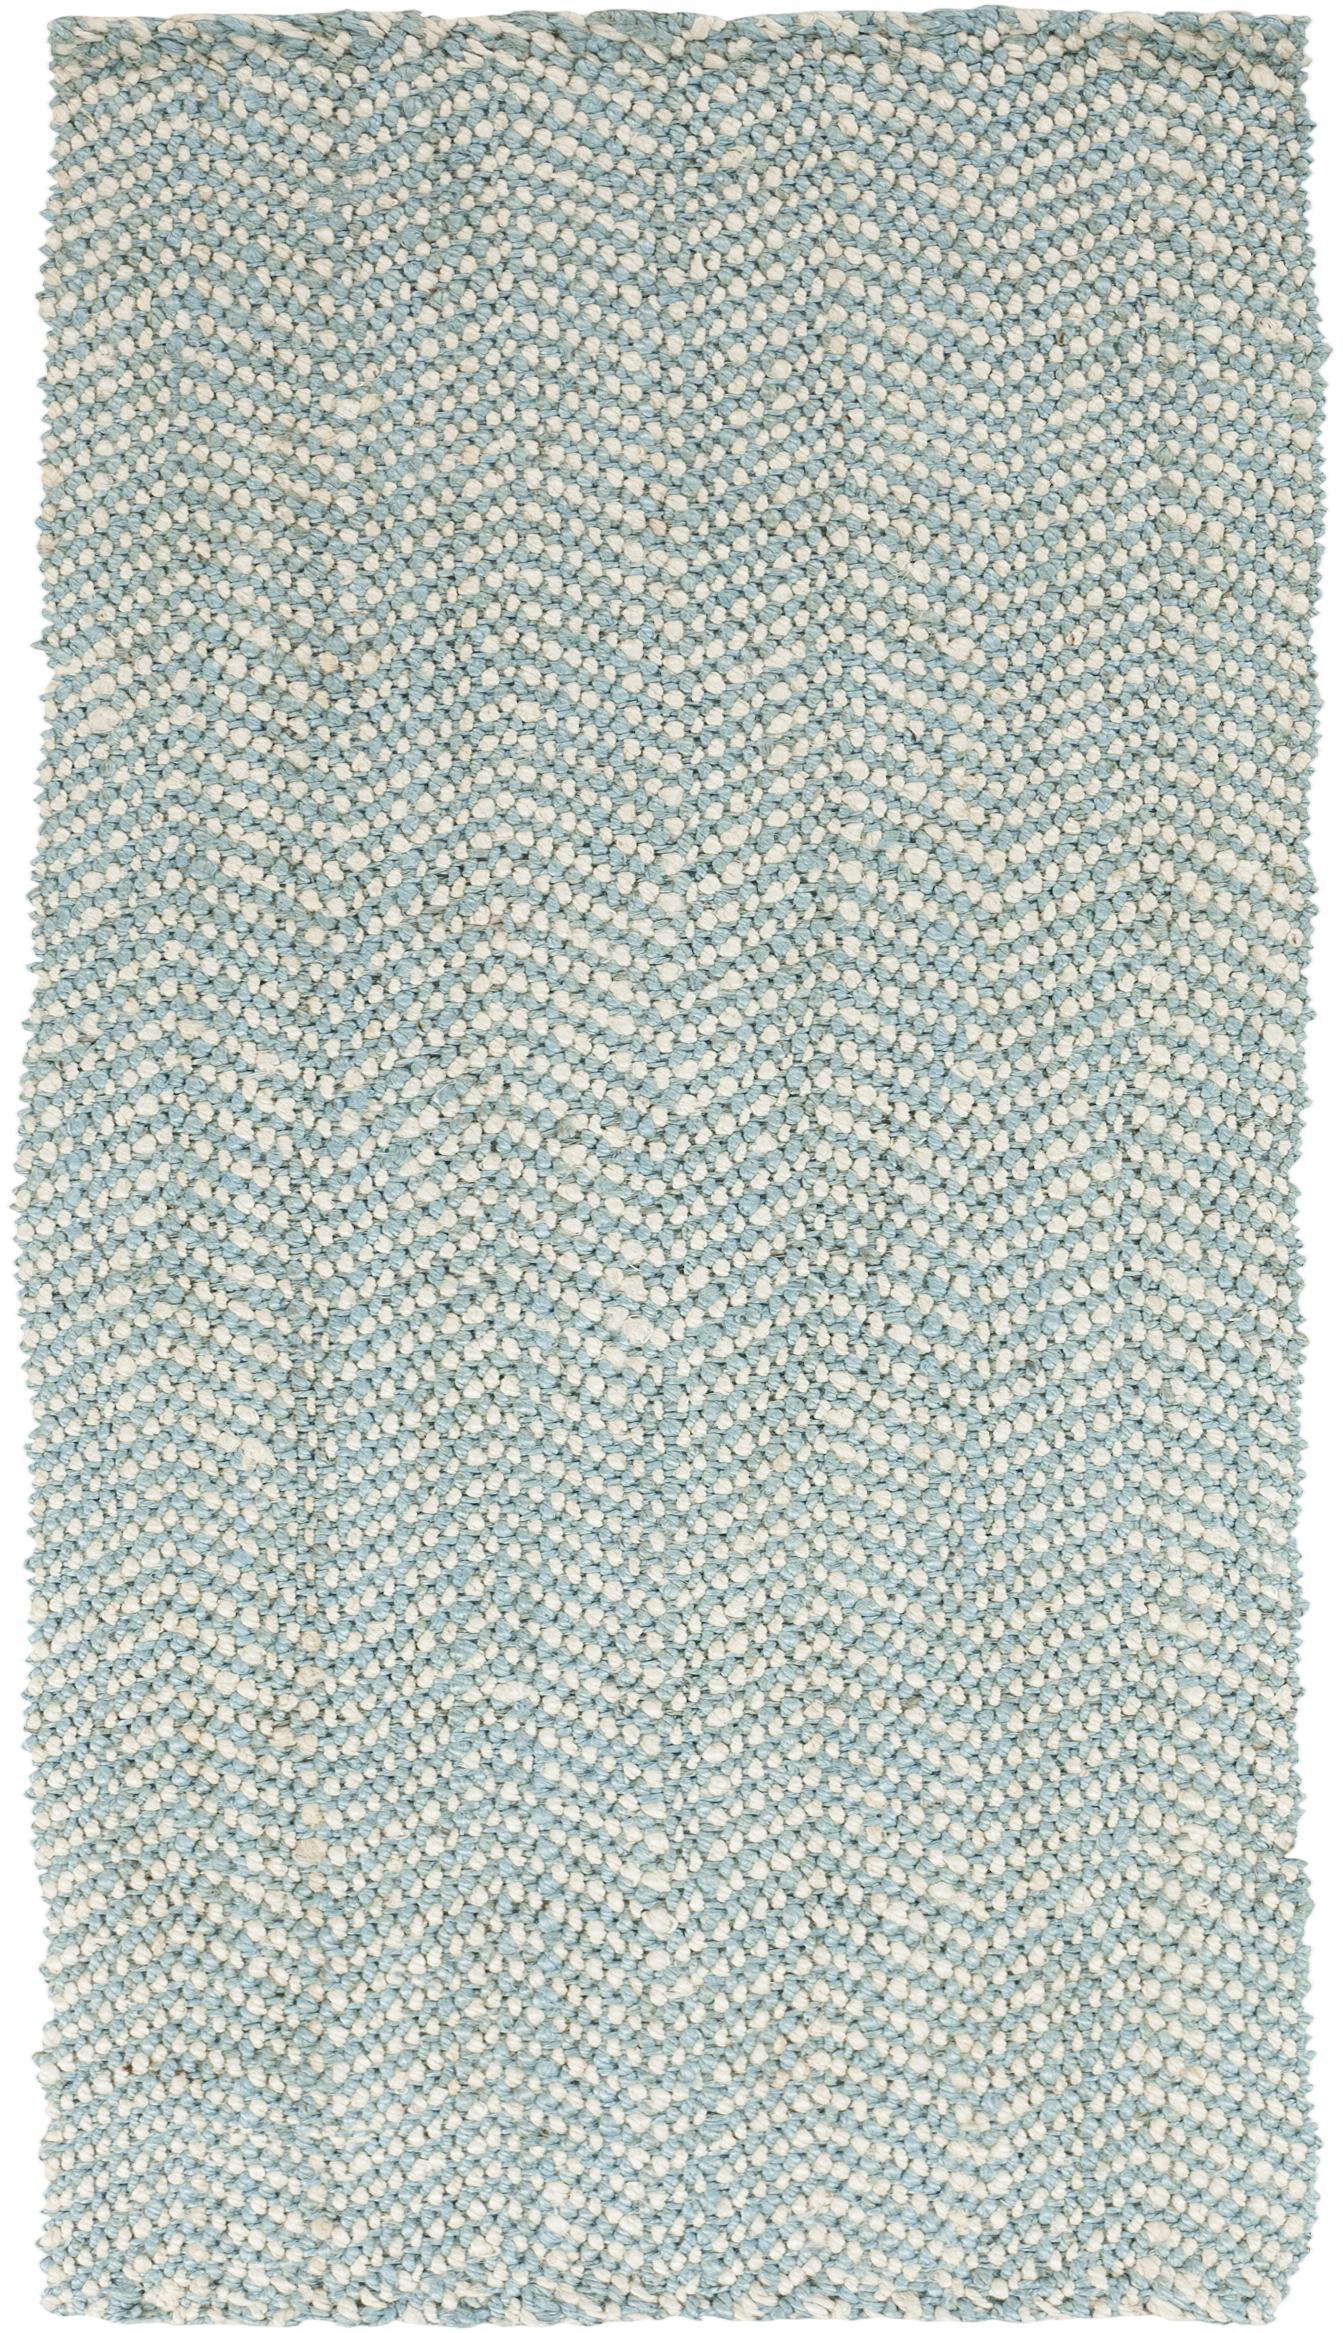 Surya Rugs Reeds 2' x 3' - Item Number: REED802-23